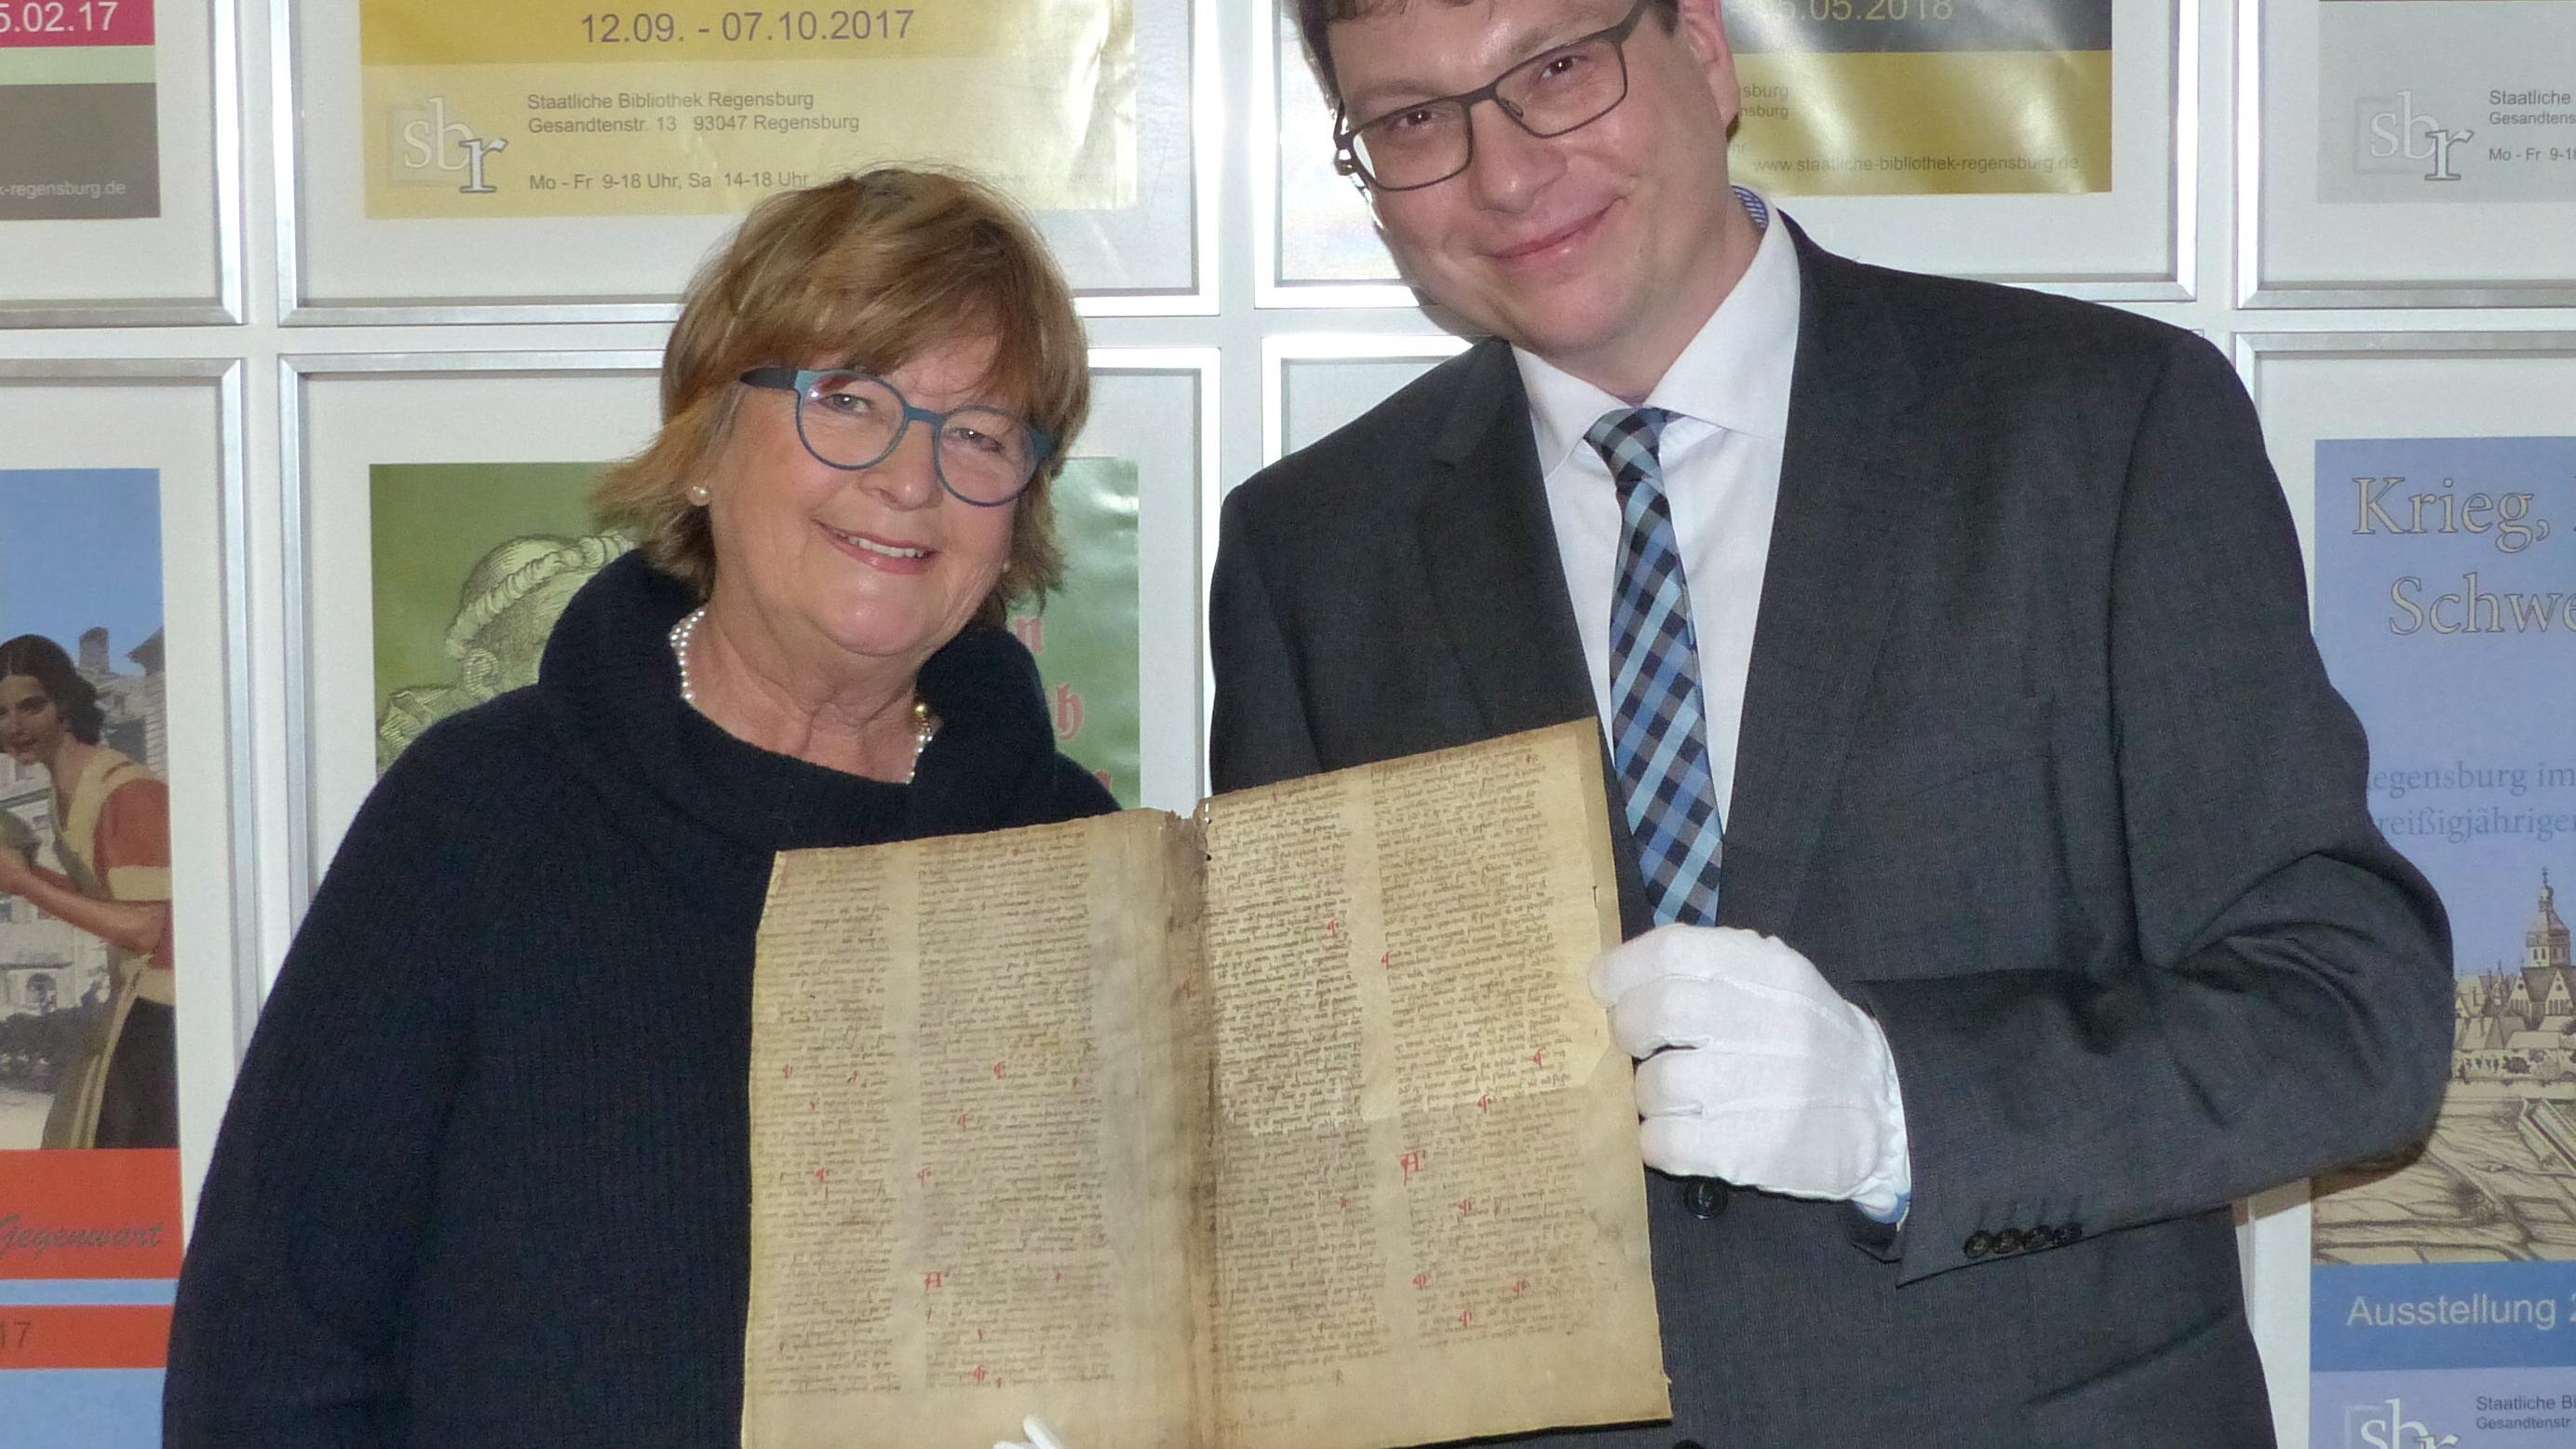 Bibliotheksdirektor Dr. Bernhard Lübbers und Dr. Elisabeth Mader mit dem historischen Schriftfragment